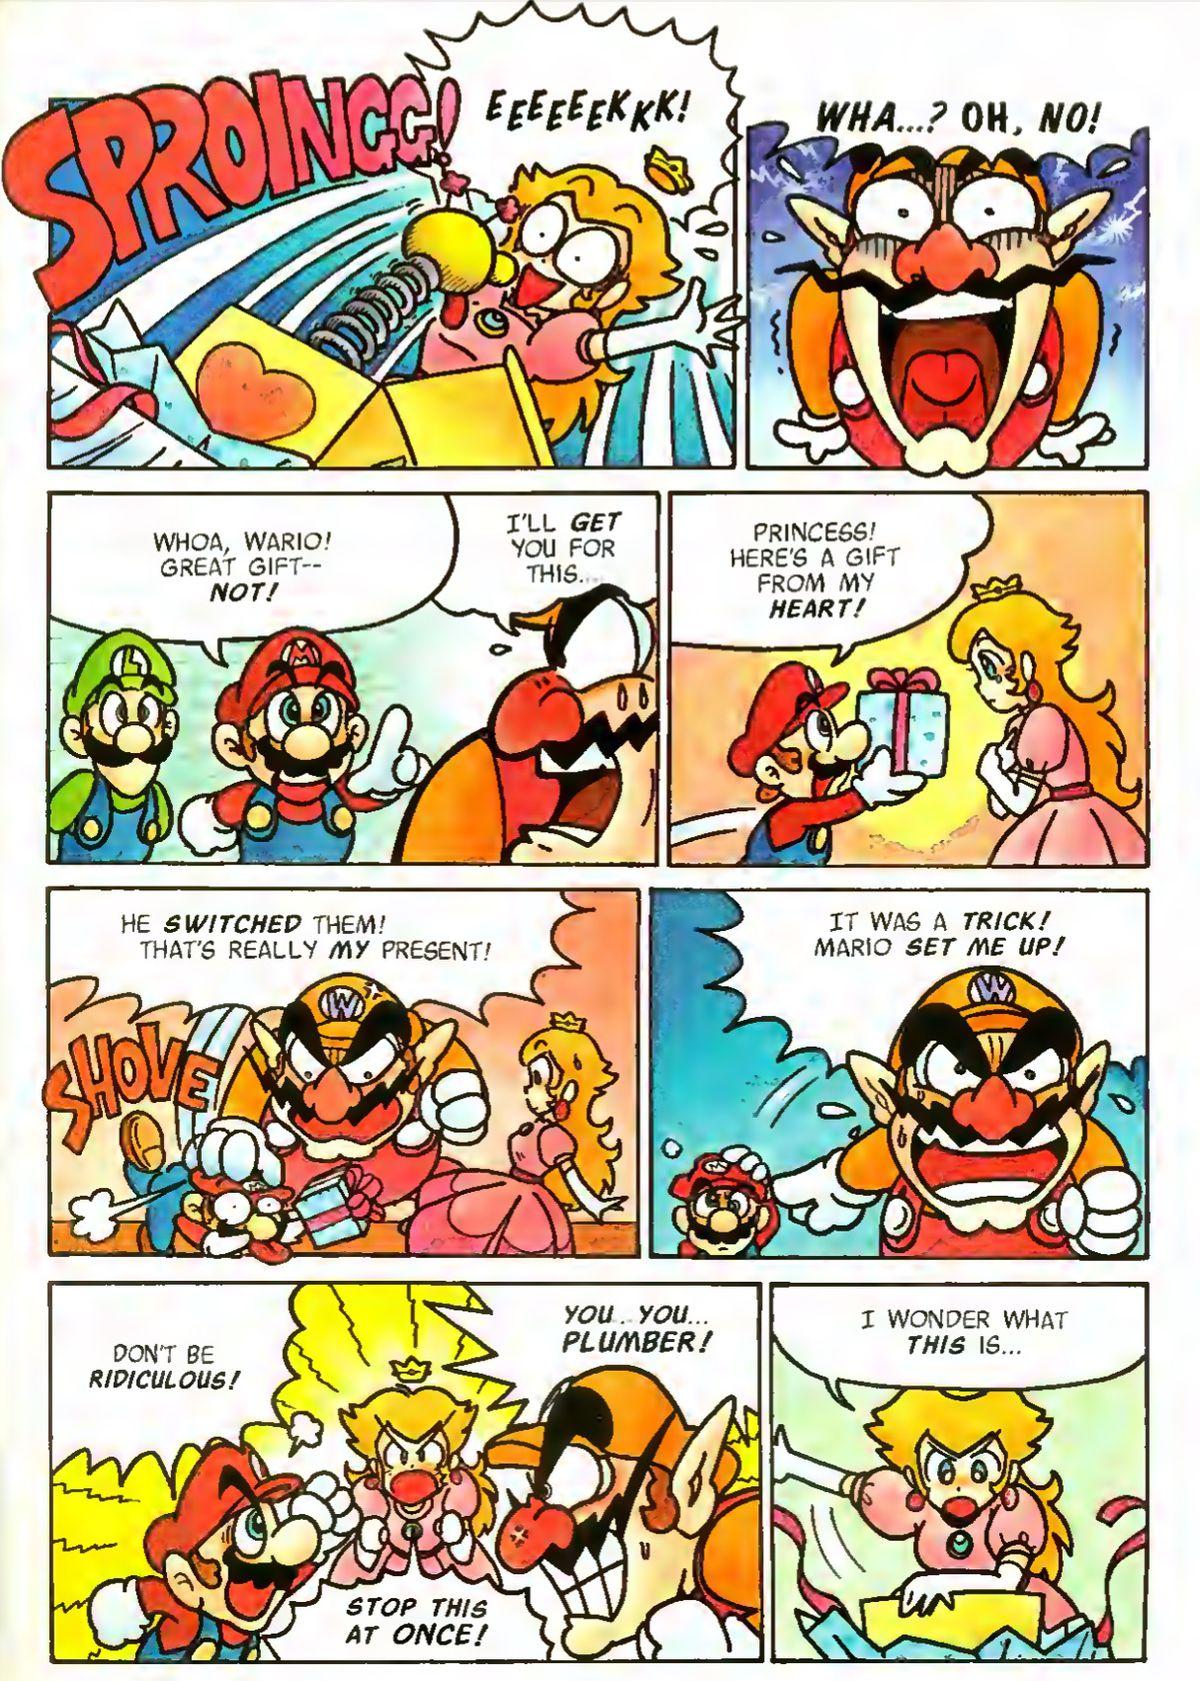 A comic page featuring Peach, Mario, Luigi and Wario from Mario vs. Wario #2